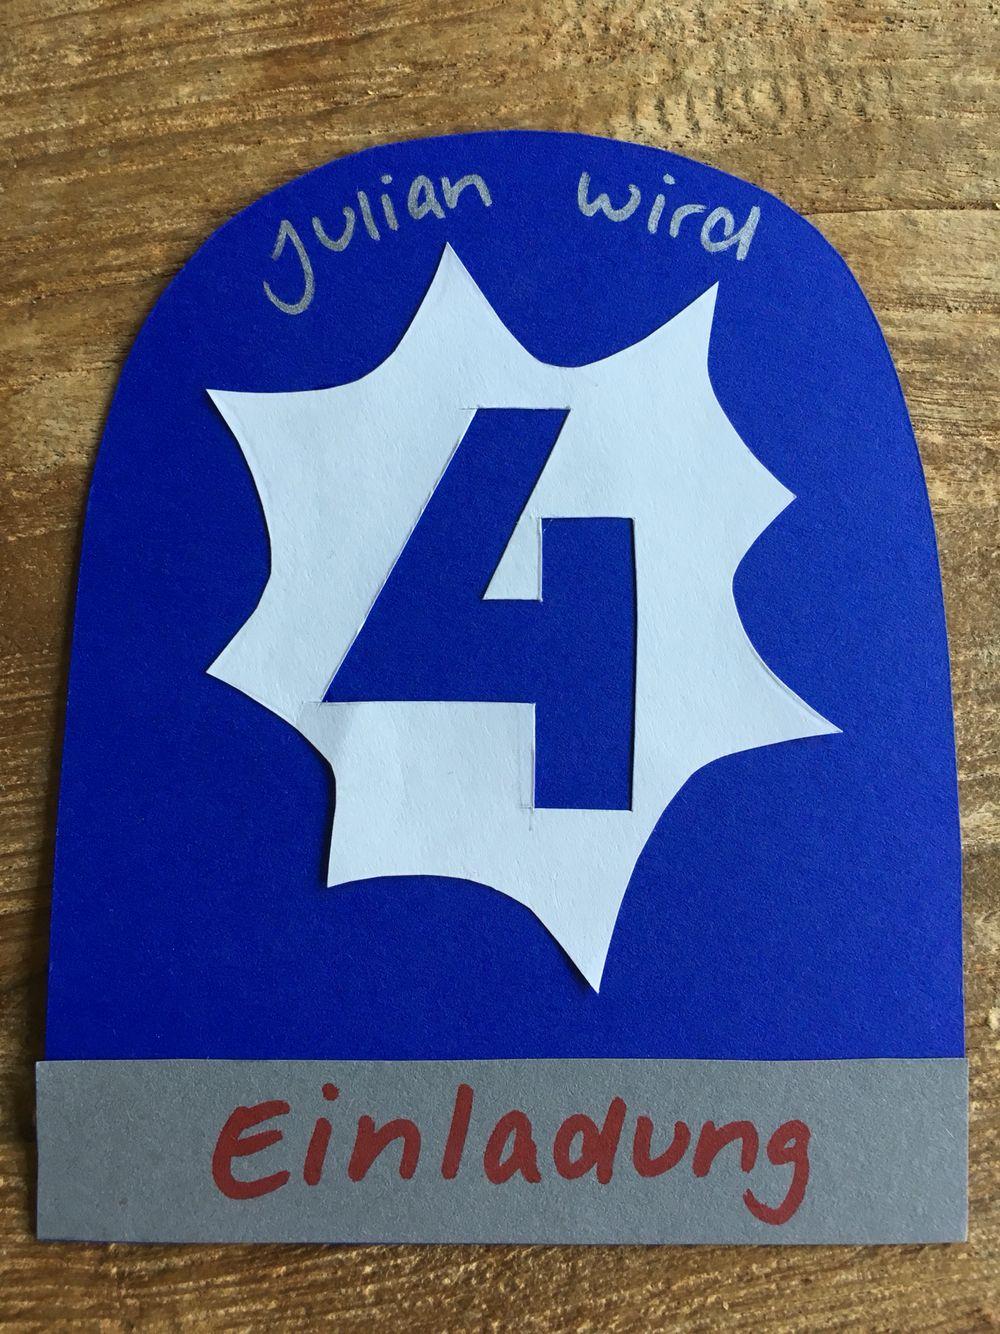 Einladungskarten Für Geburtstag Einladungskarten Für: Blaulicht Einladungskarte Für Unsere Feuerwehr-Party